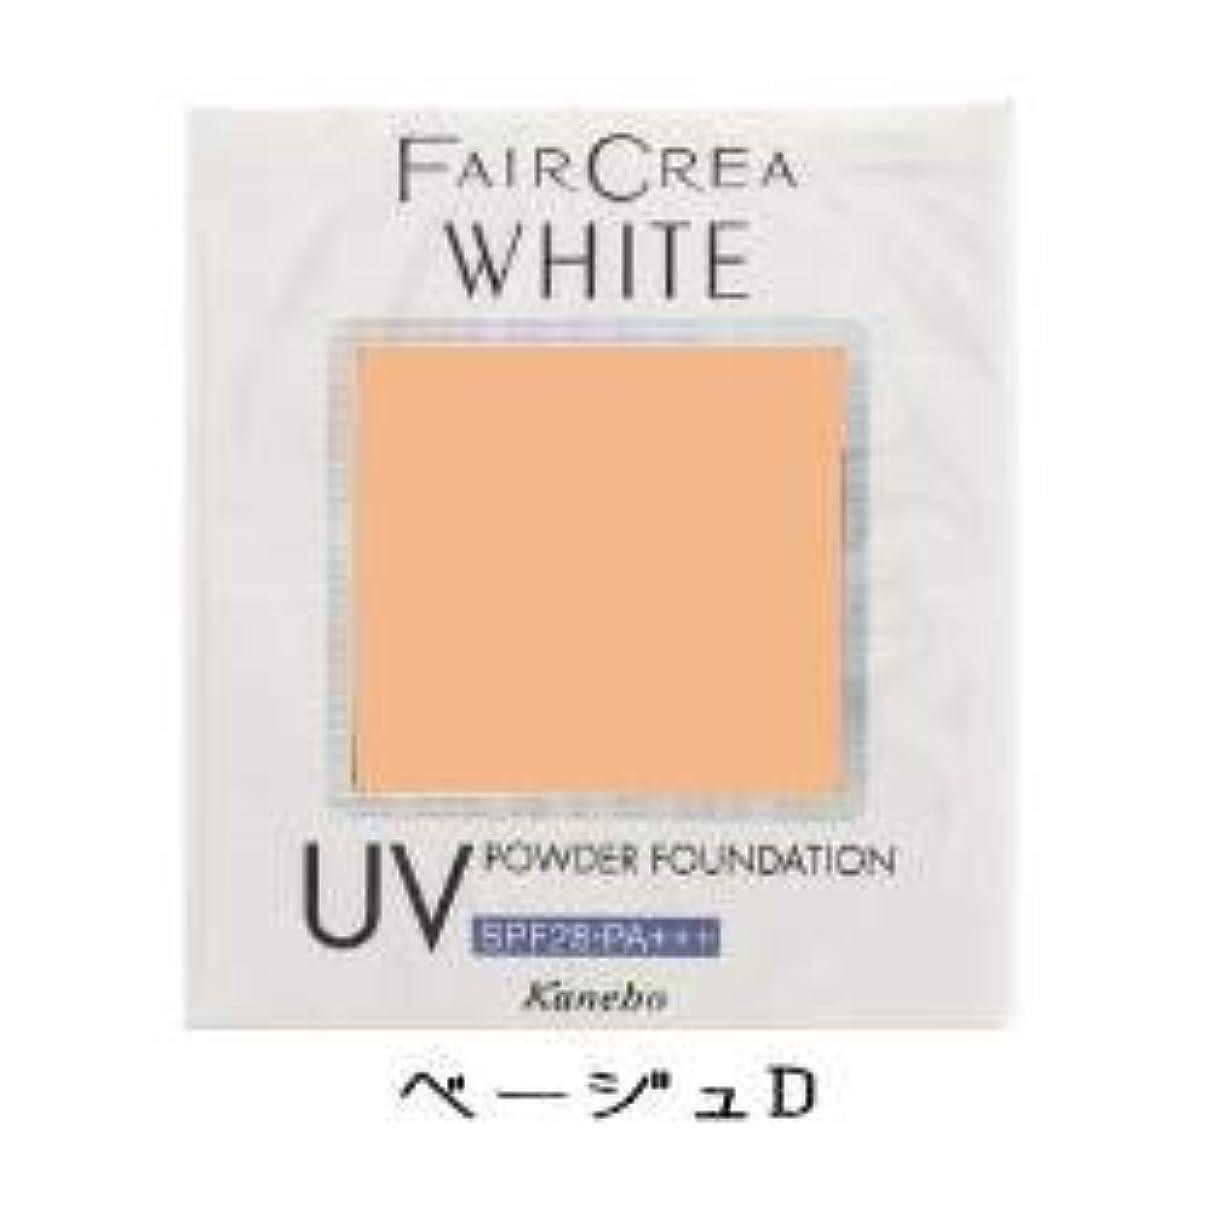 スリップ屈辱する毒性カネボウ フェアクレア ホワイトUVパウダーファンデーション ベージュ-D(10g)